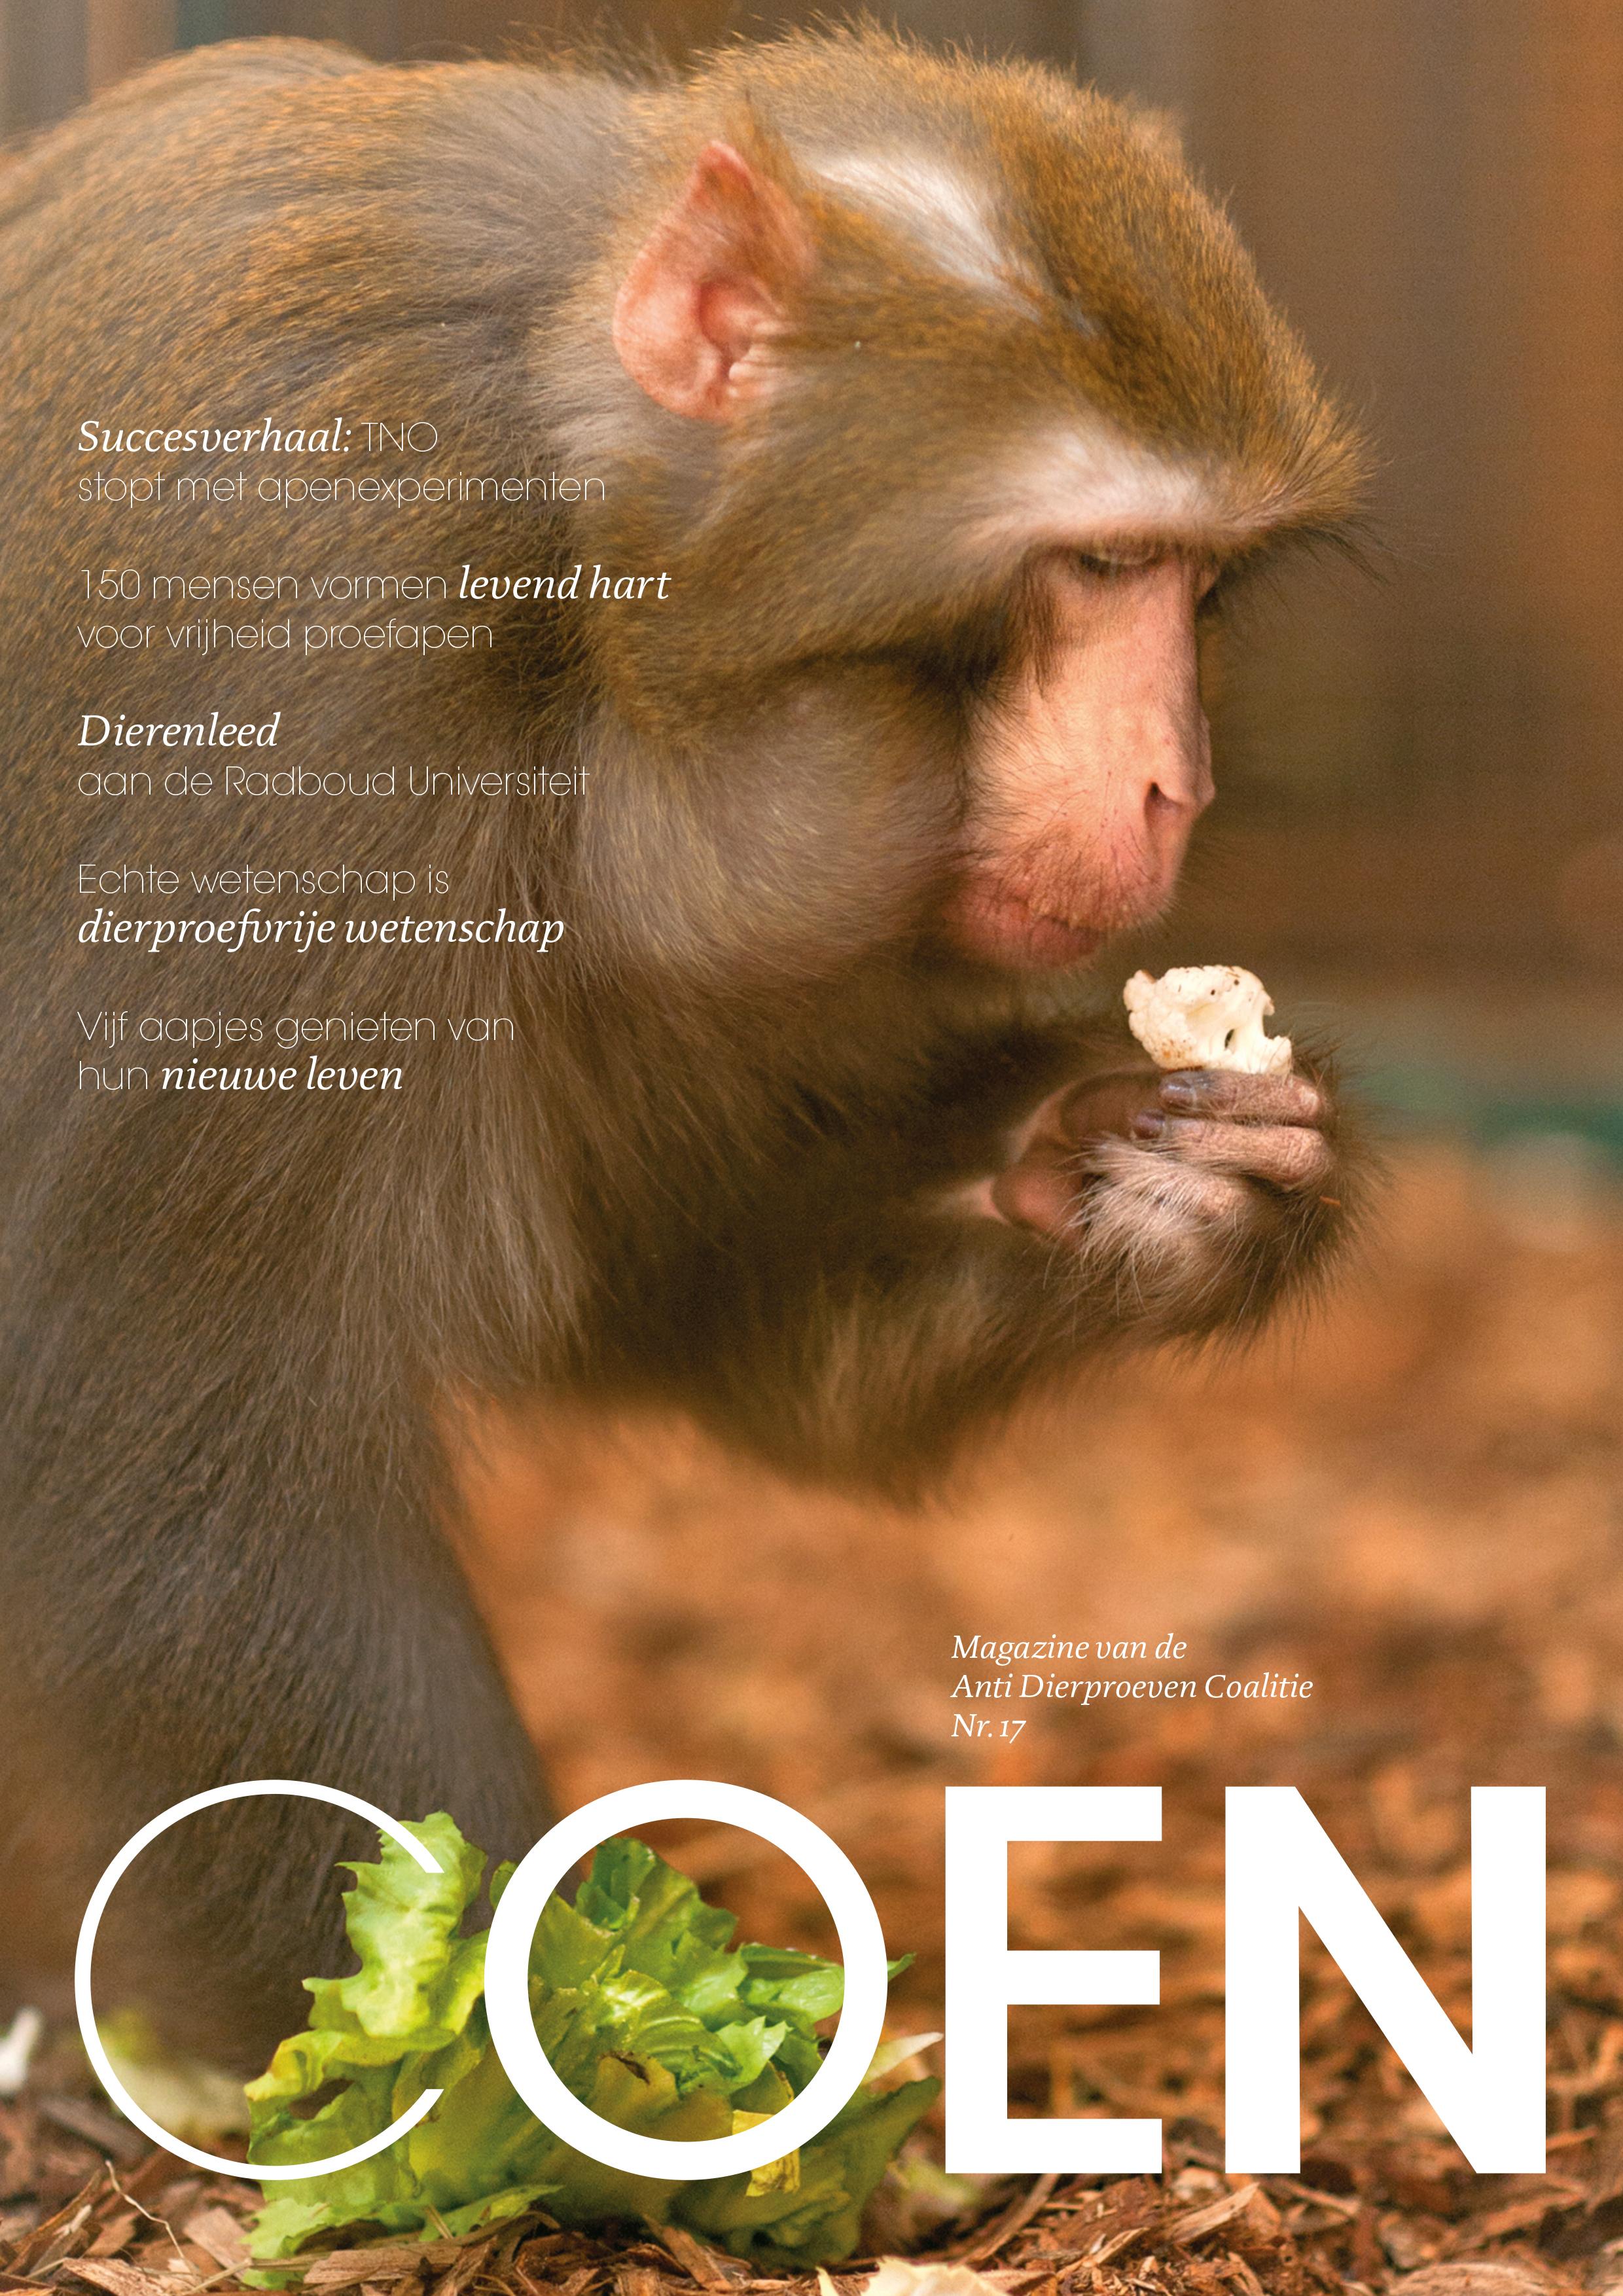 magazine coen